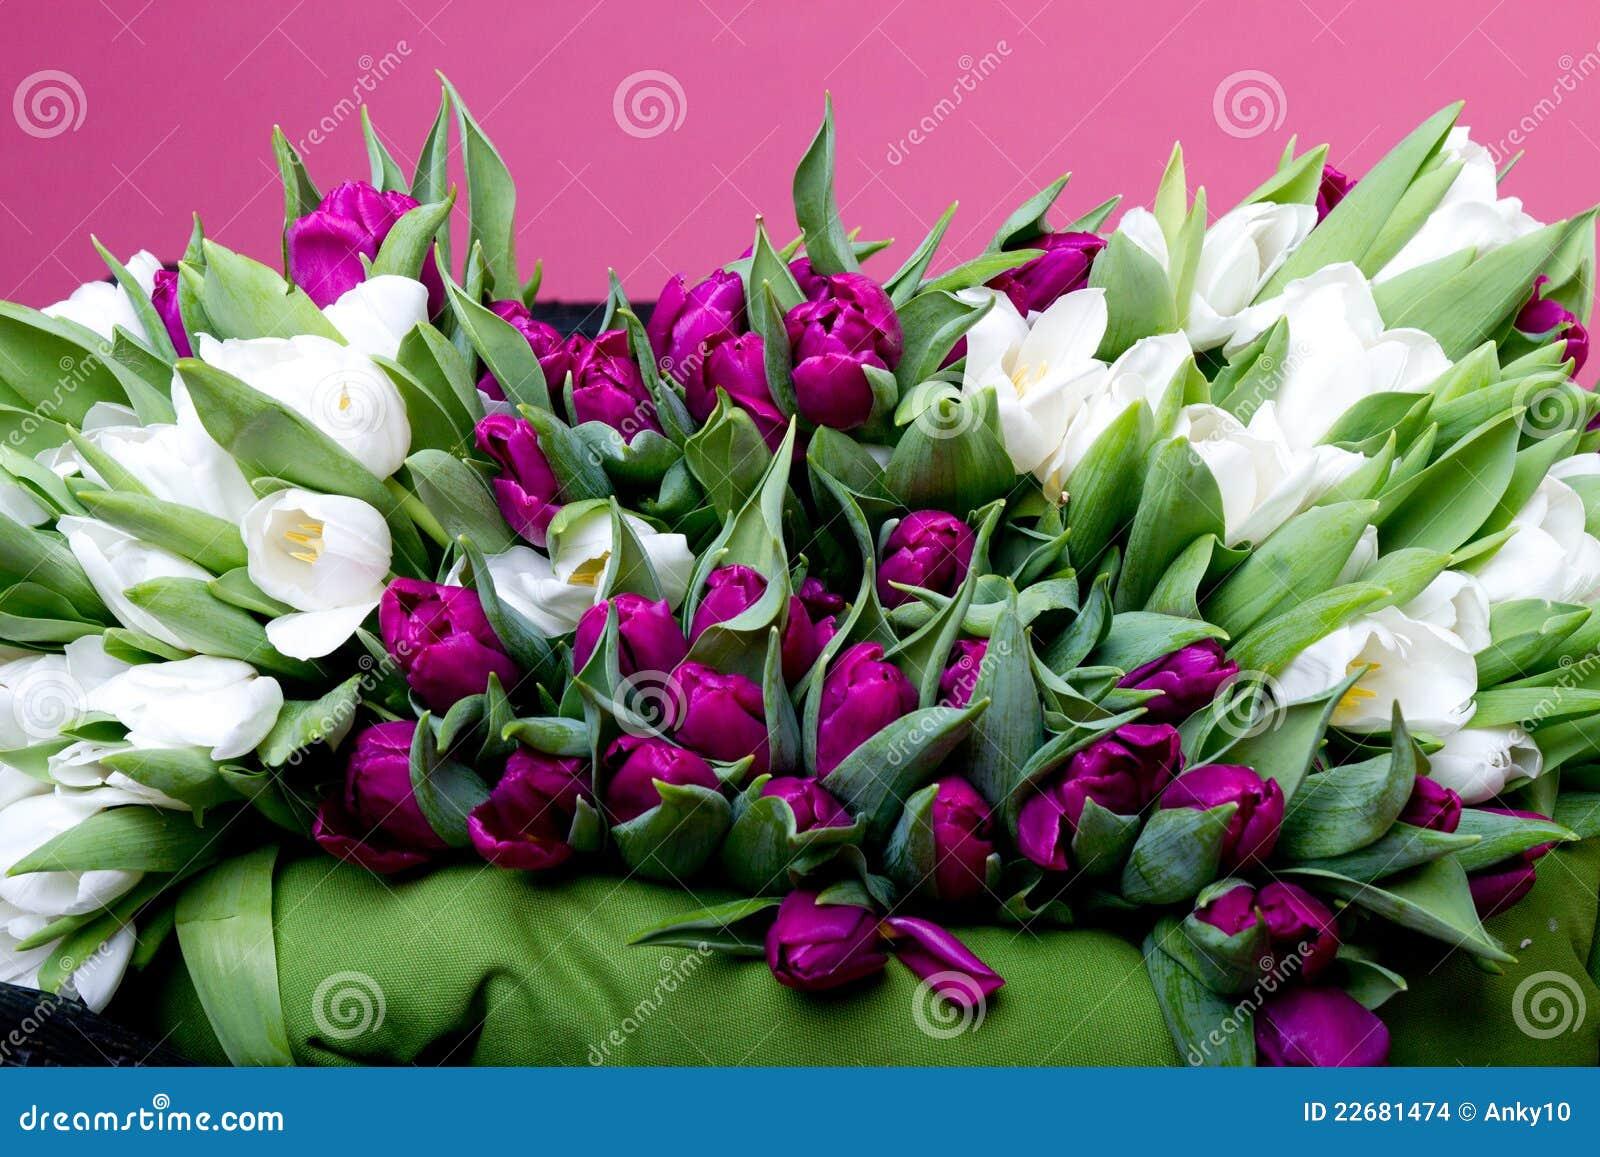 purpurrote und wei e tulpen auf schwarzem stuhl stockbilder bild 22681474. Black Bedroom Furniture Sets. Home Design Ideas